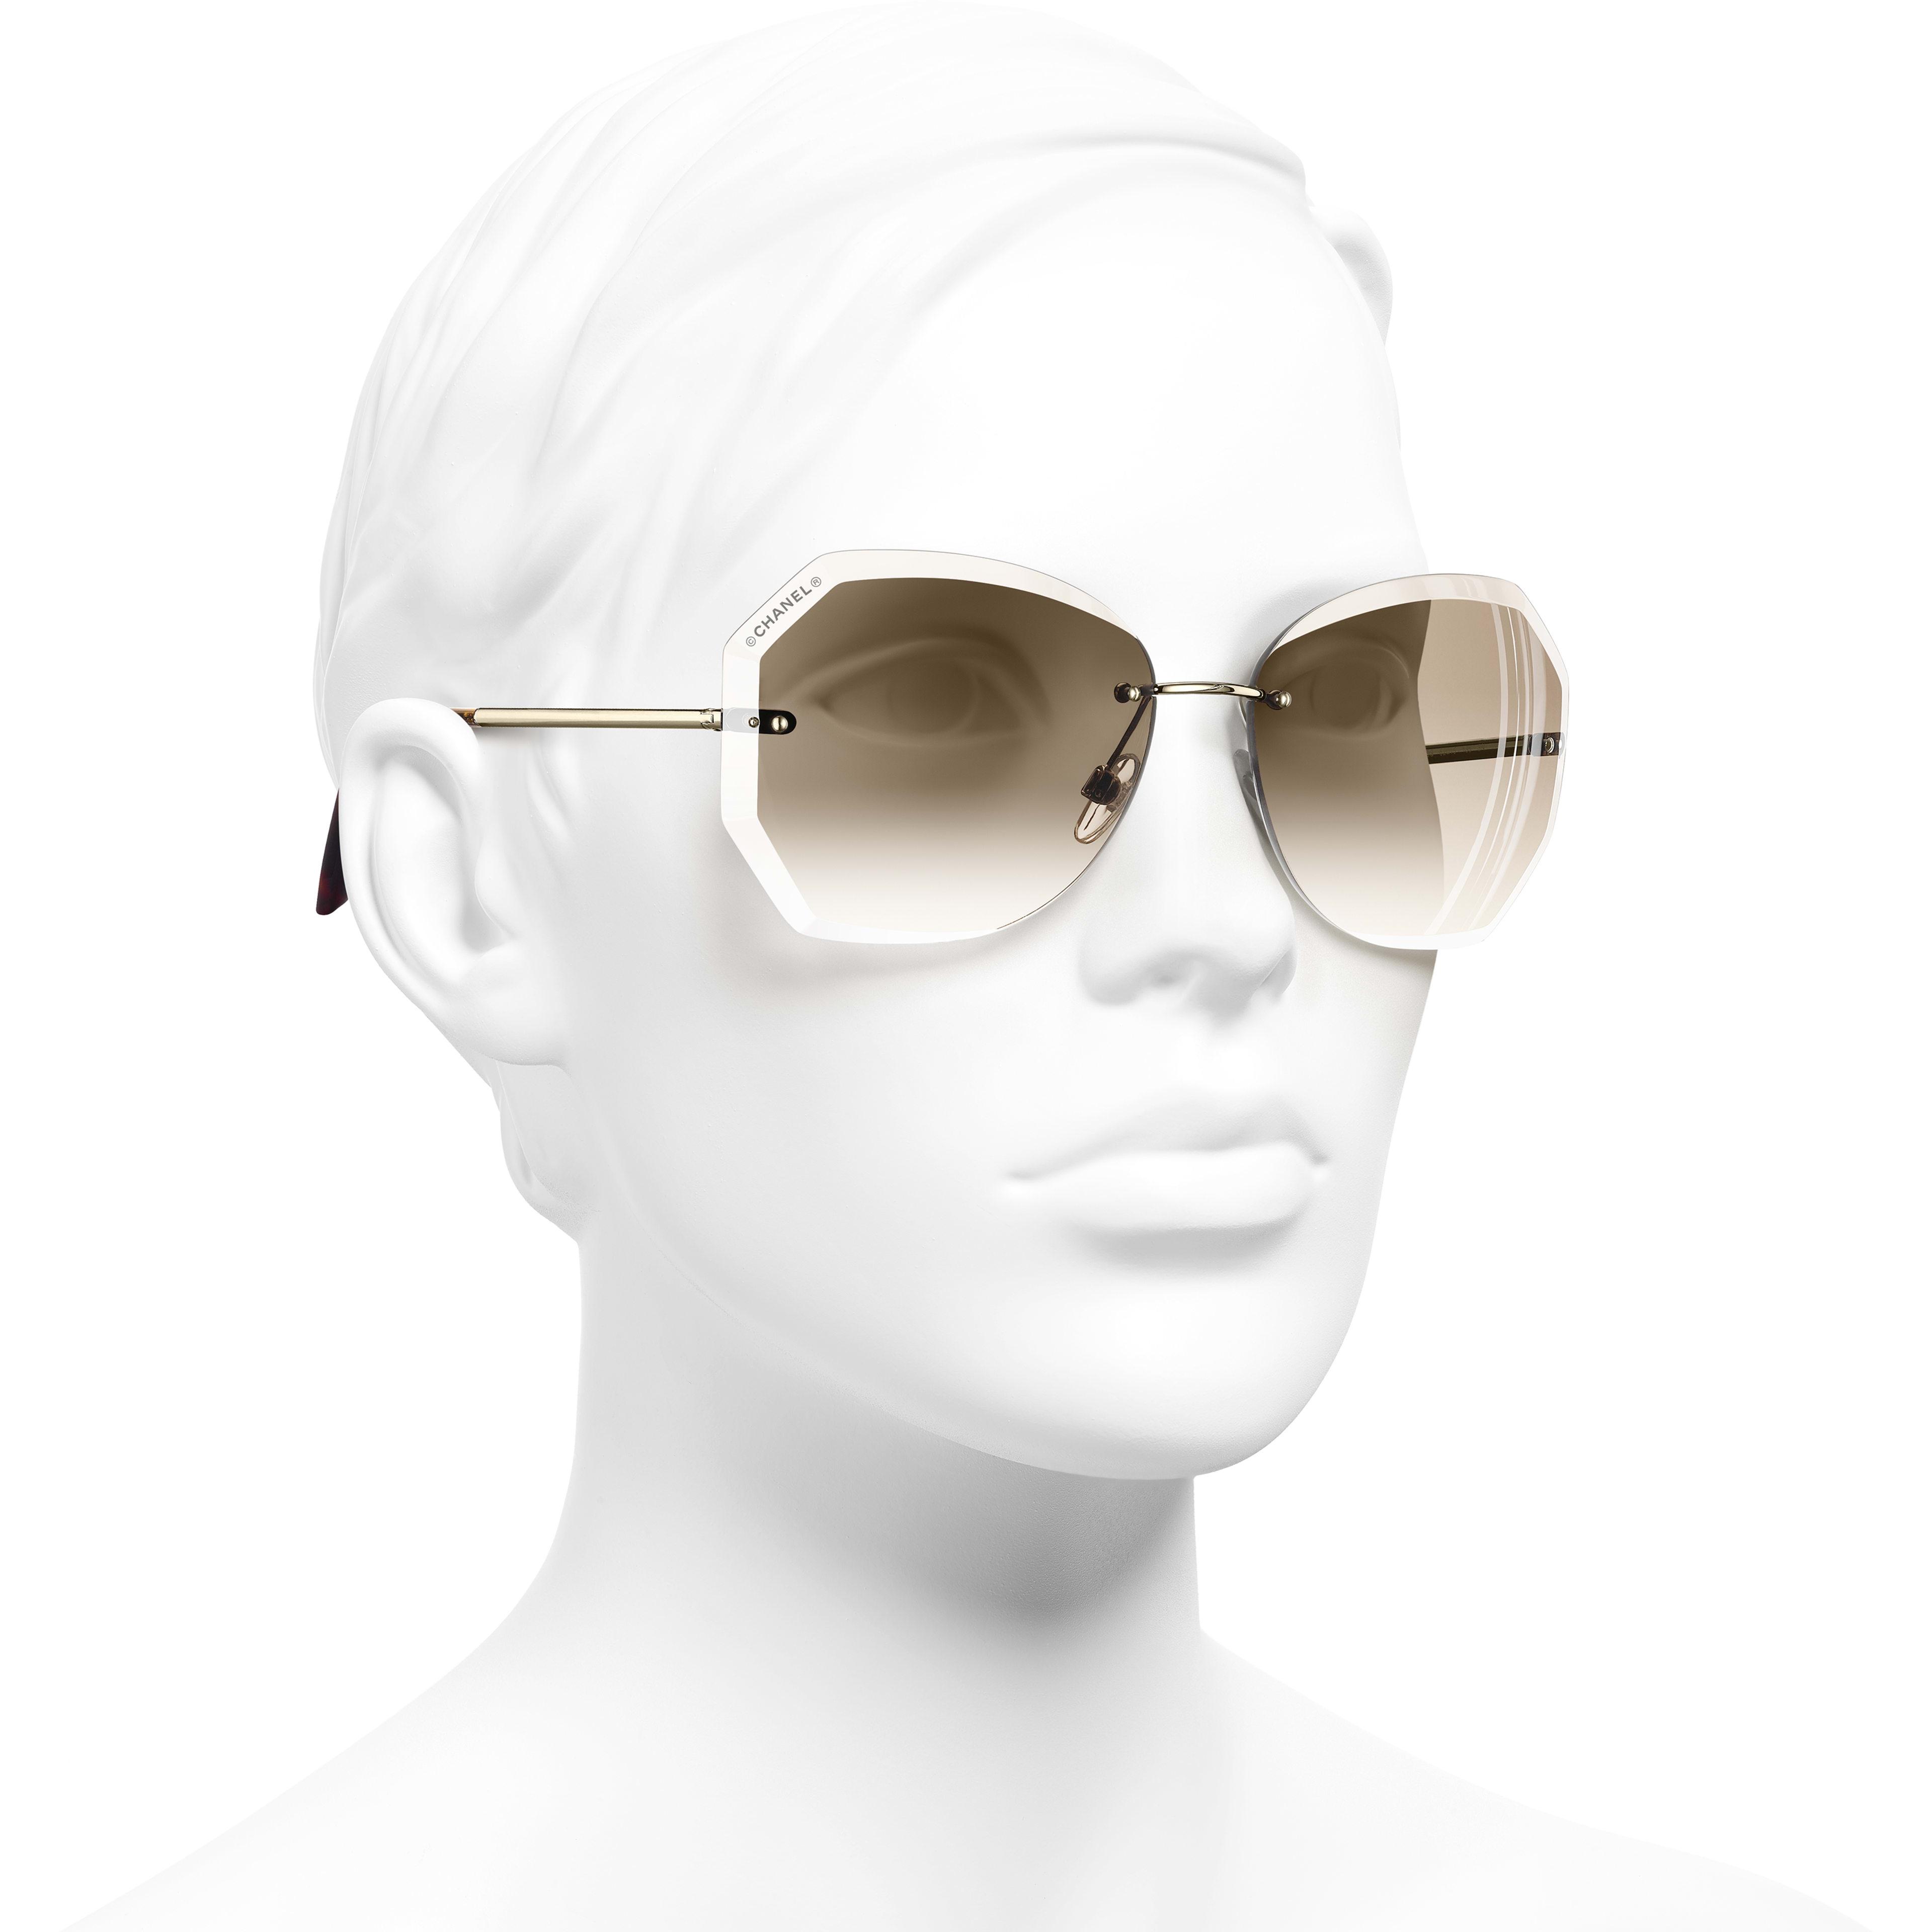 Gafas de sol redondas - Dorado y beige - Metal - CHANEL - Vista 3/4 puesto - ver la versión tamaño estándar